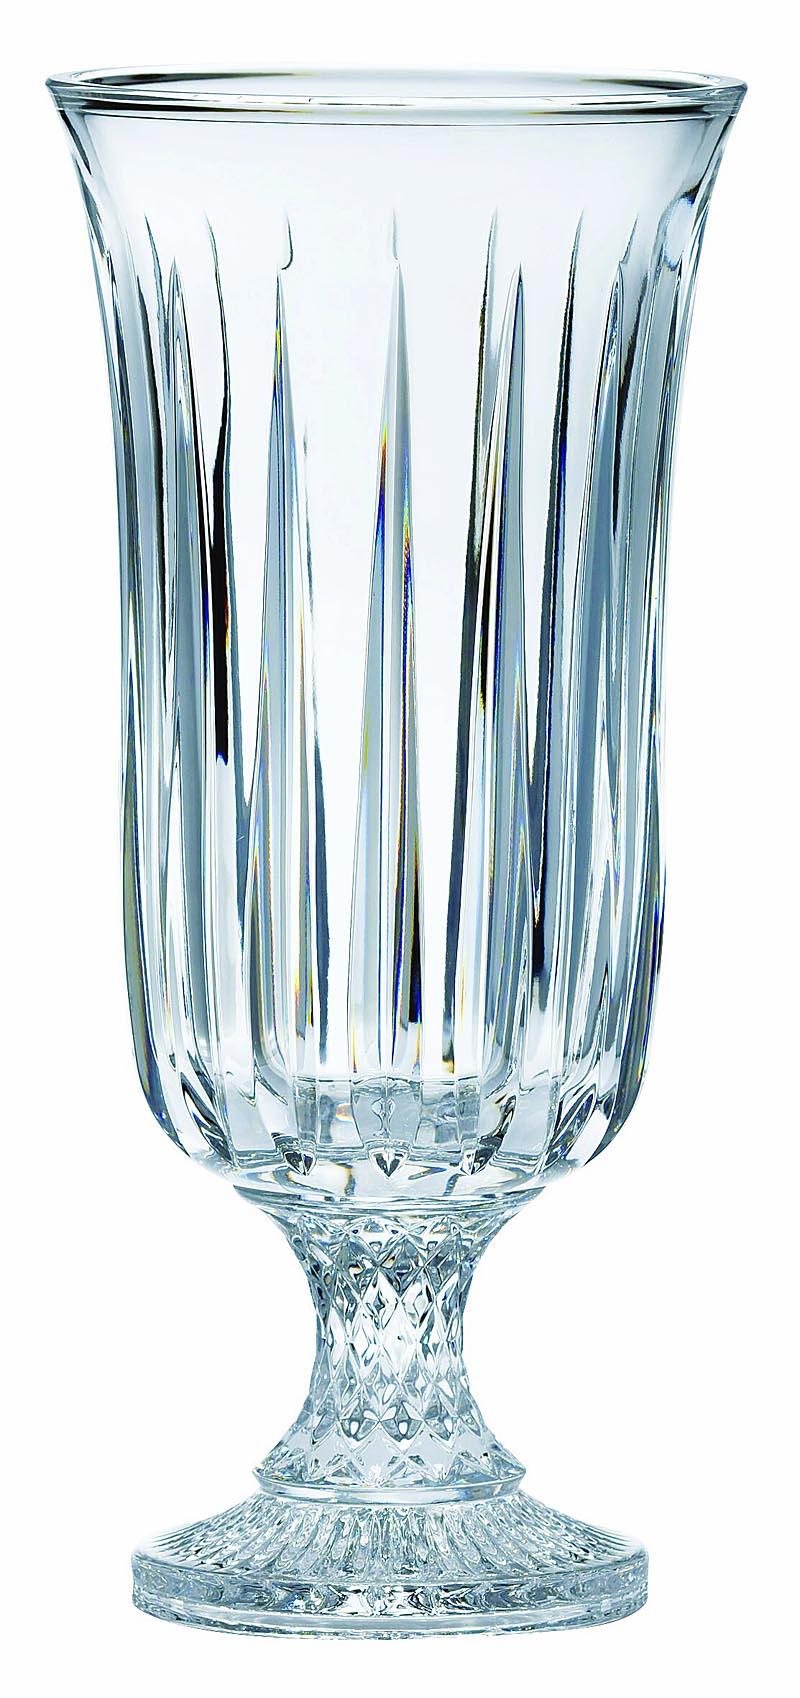 Galway Crystal Wall Lights : Galway Crystal Clara 14 Footed Vase at IrishShop.com BLK21814